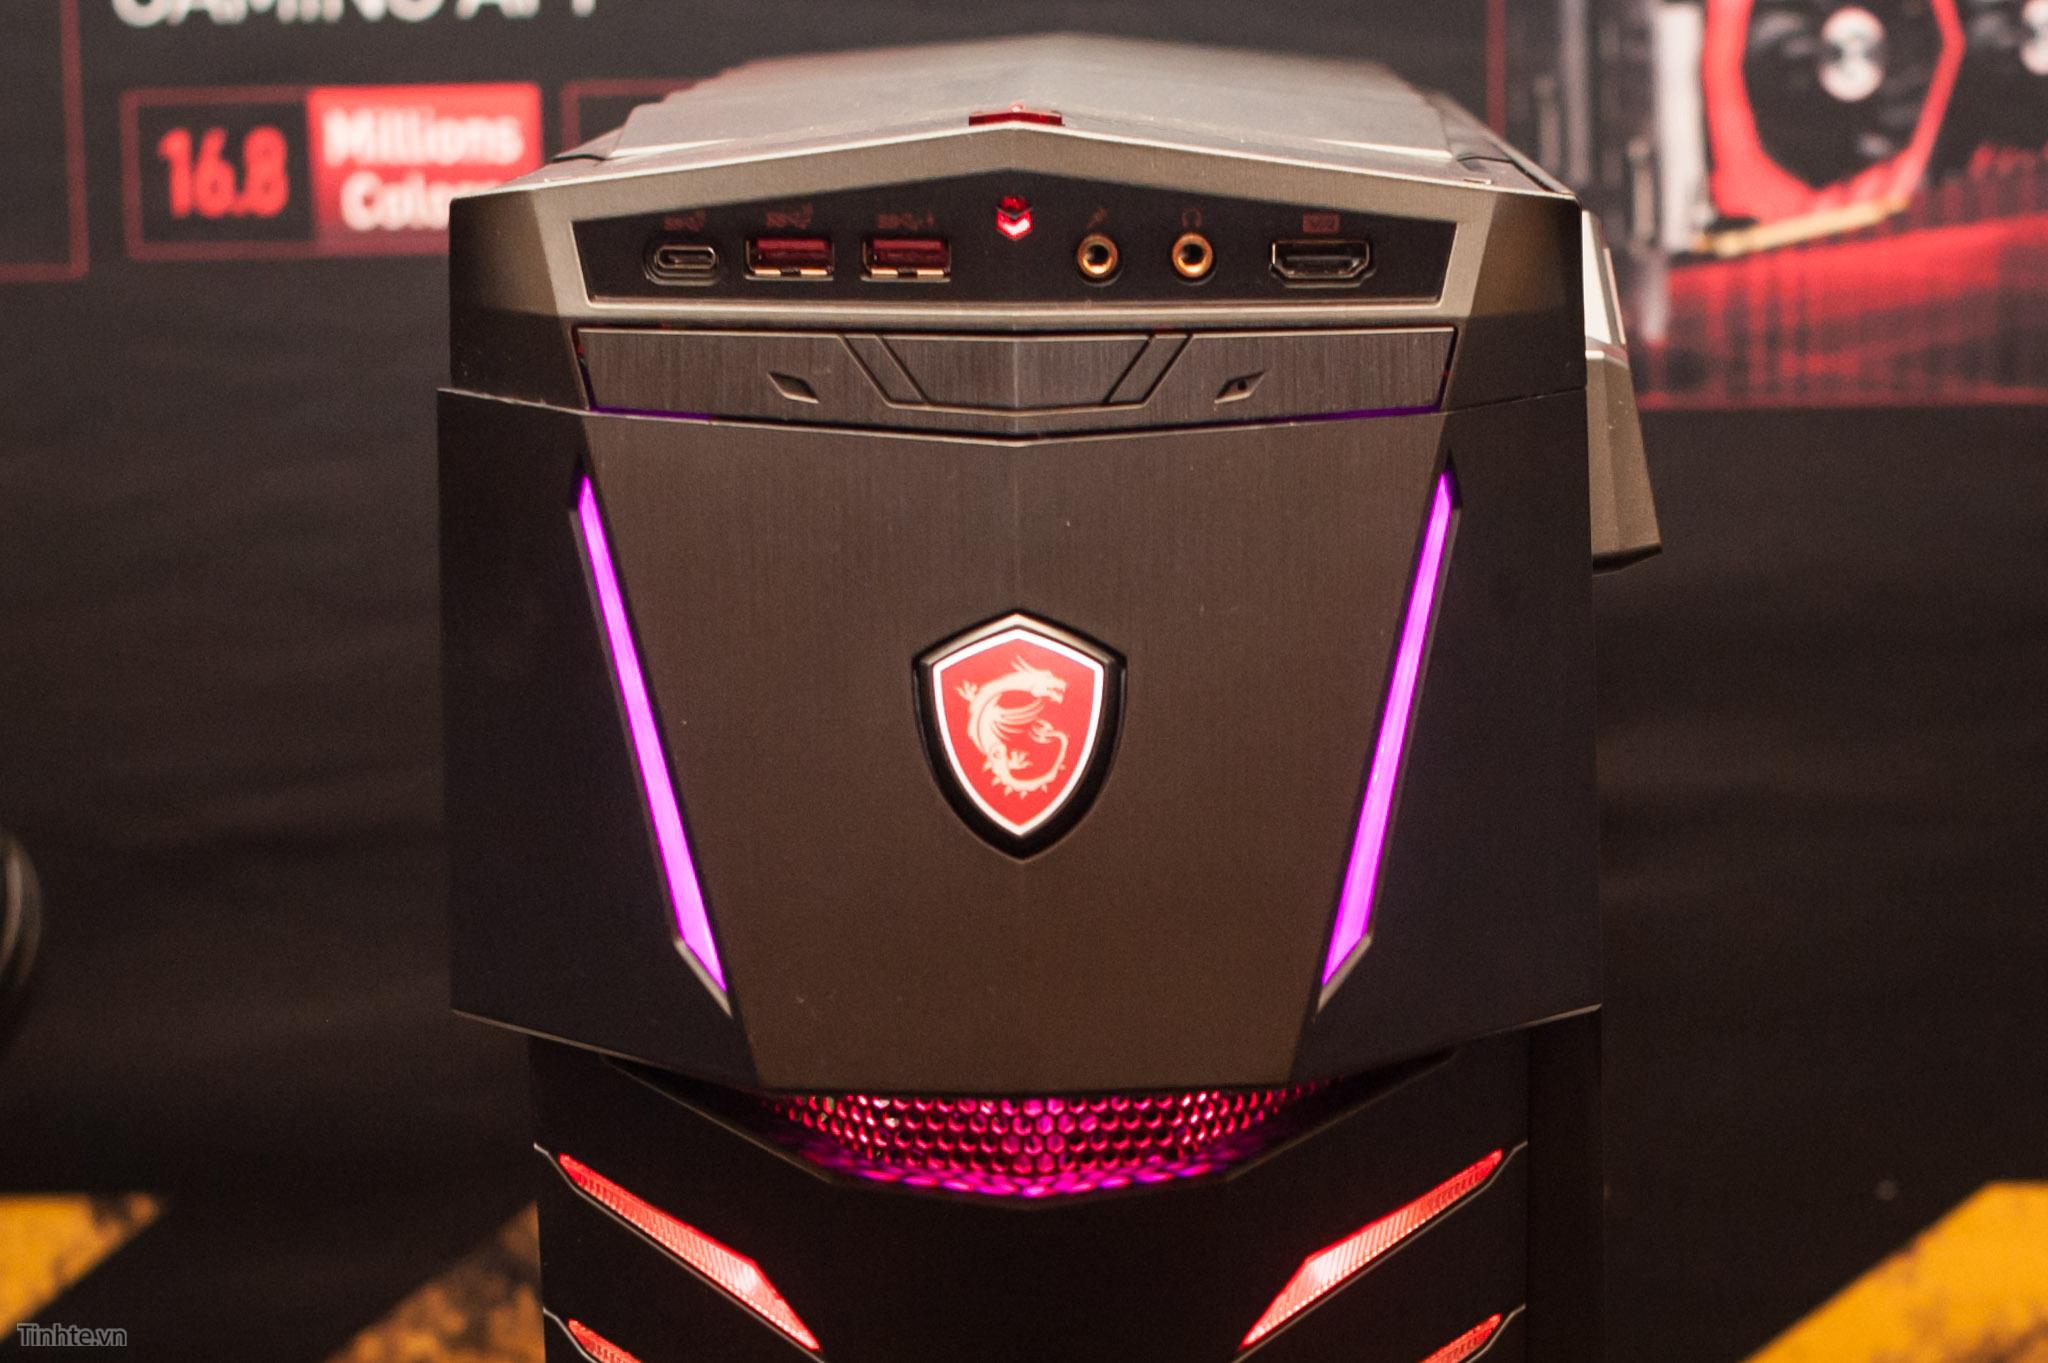 MSI Aegis Ti3: máy bàn chơi game hình đầu robot, CPU dòng K, 2 x GTX 1080 SLI